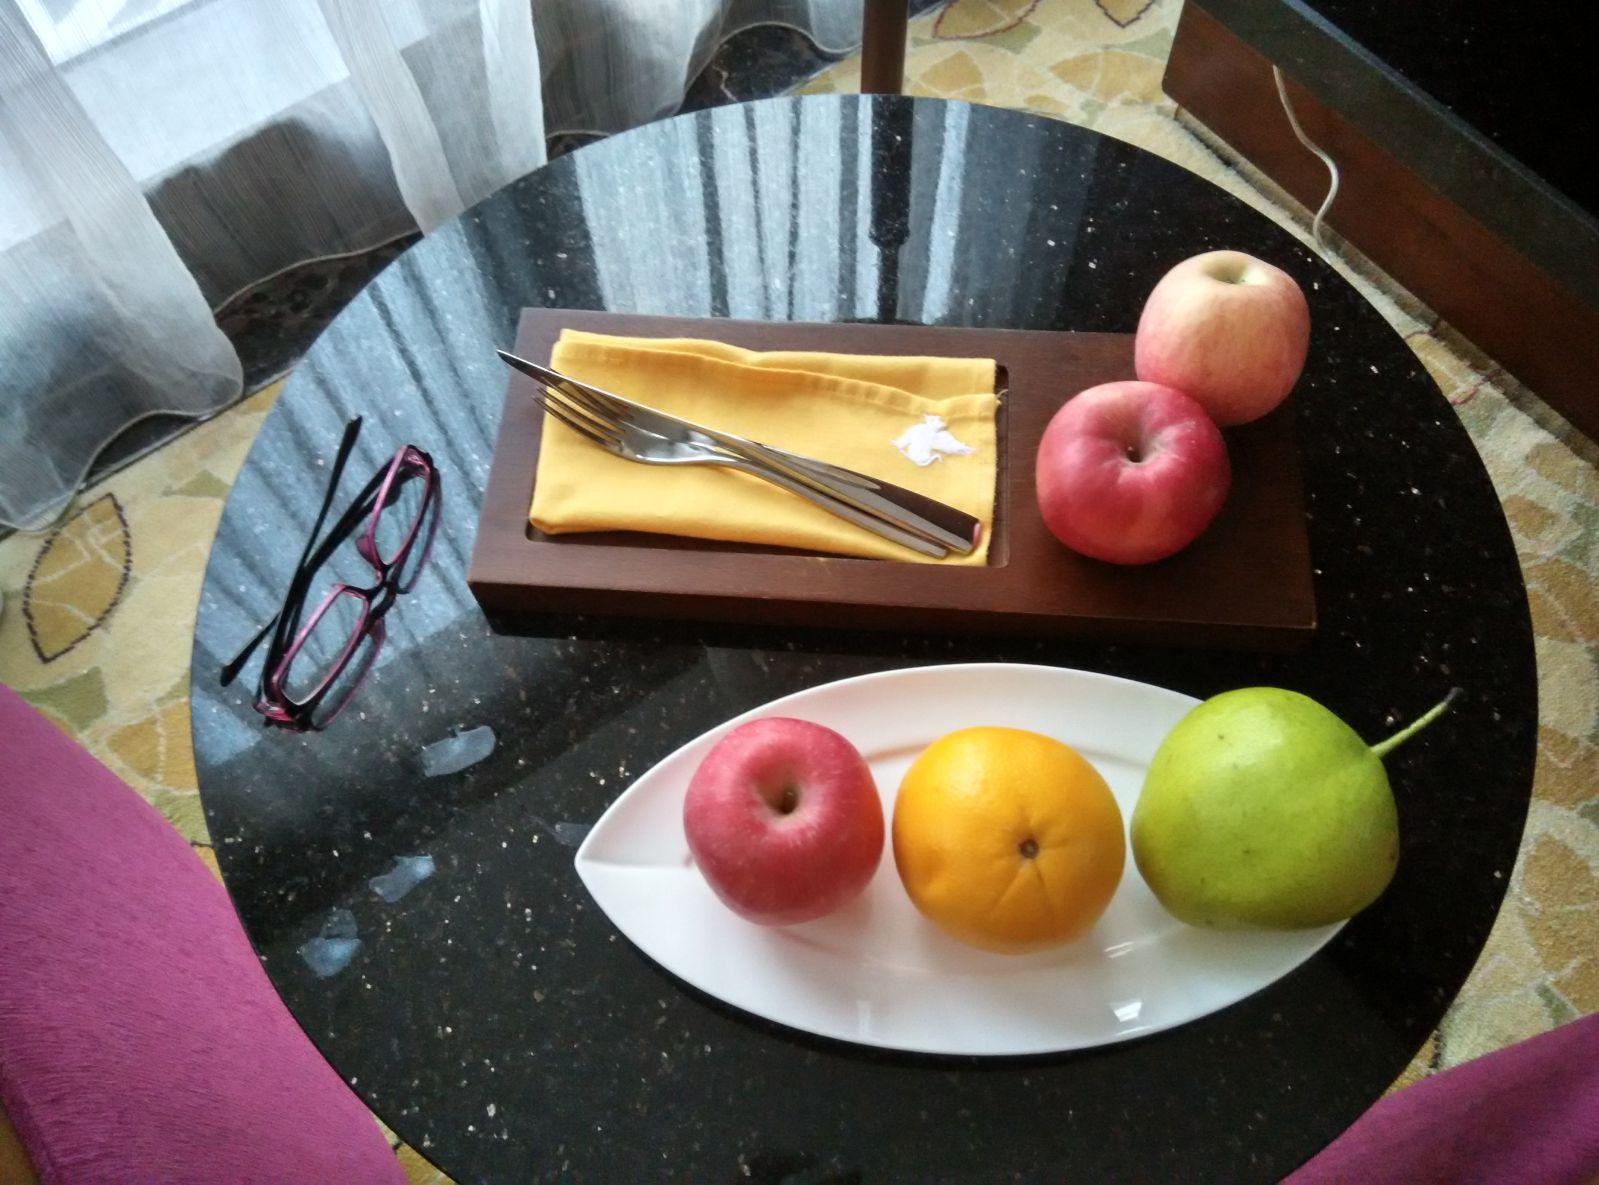 shenzhen-jw-marriott-welcome-fruit